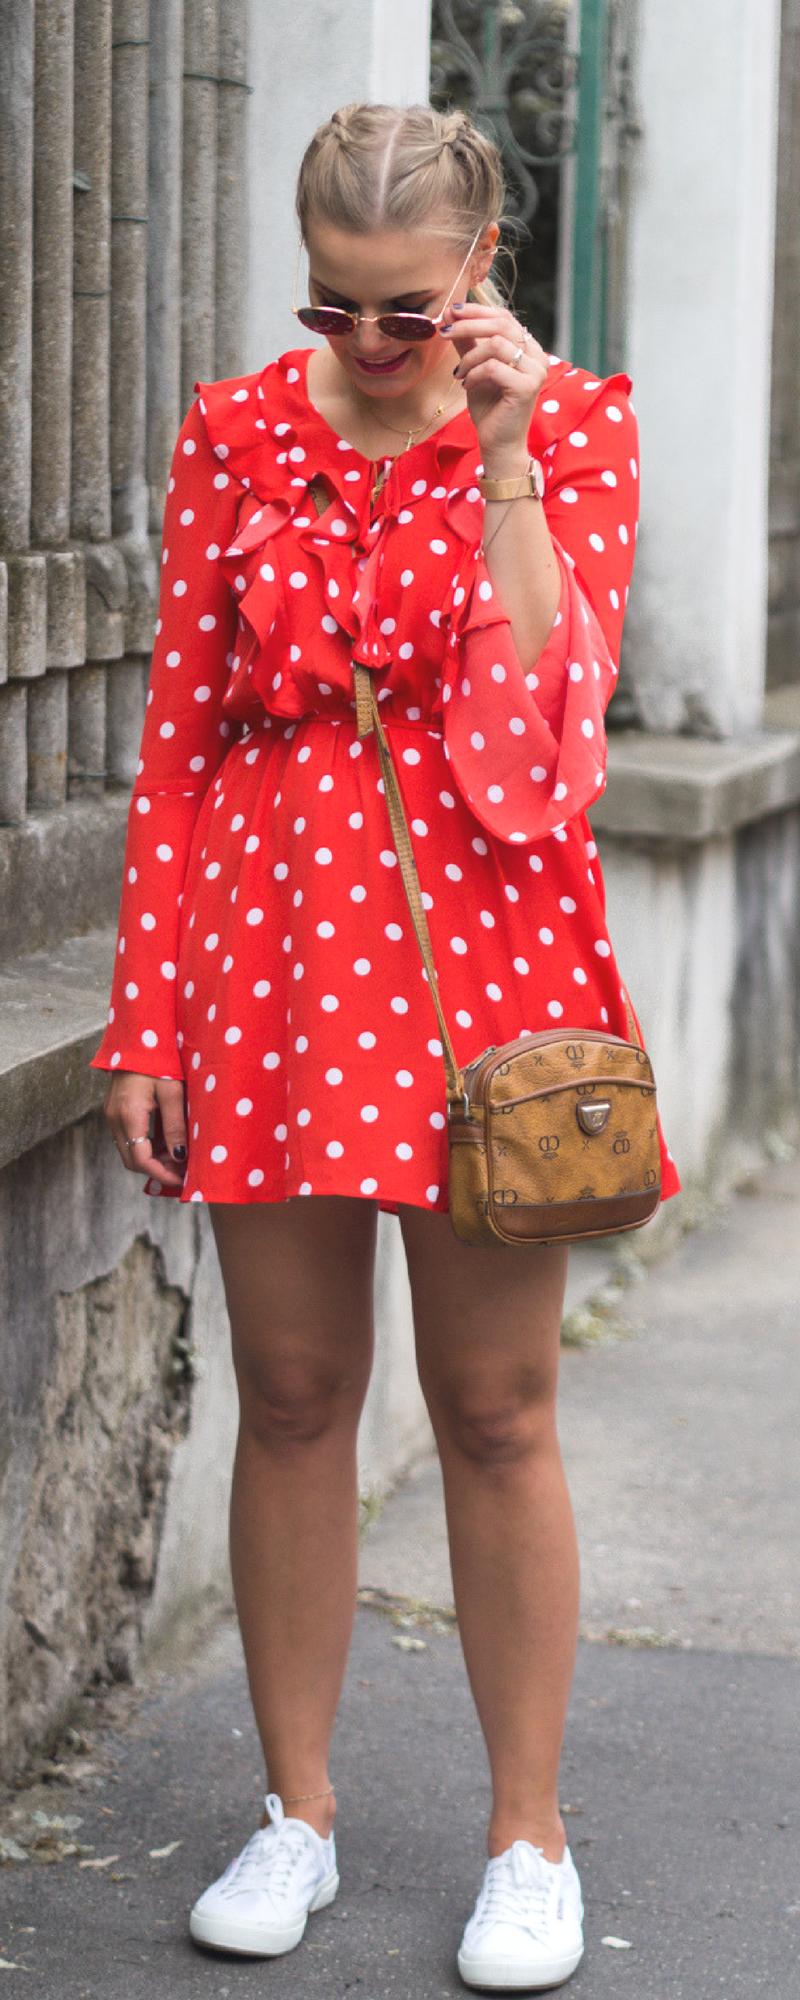 outfit - rotes rüschenkleid und weiße superga sneakers - la